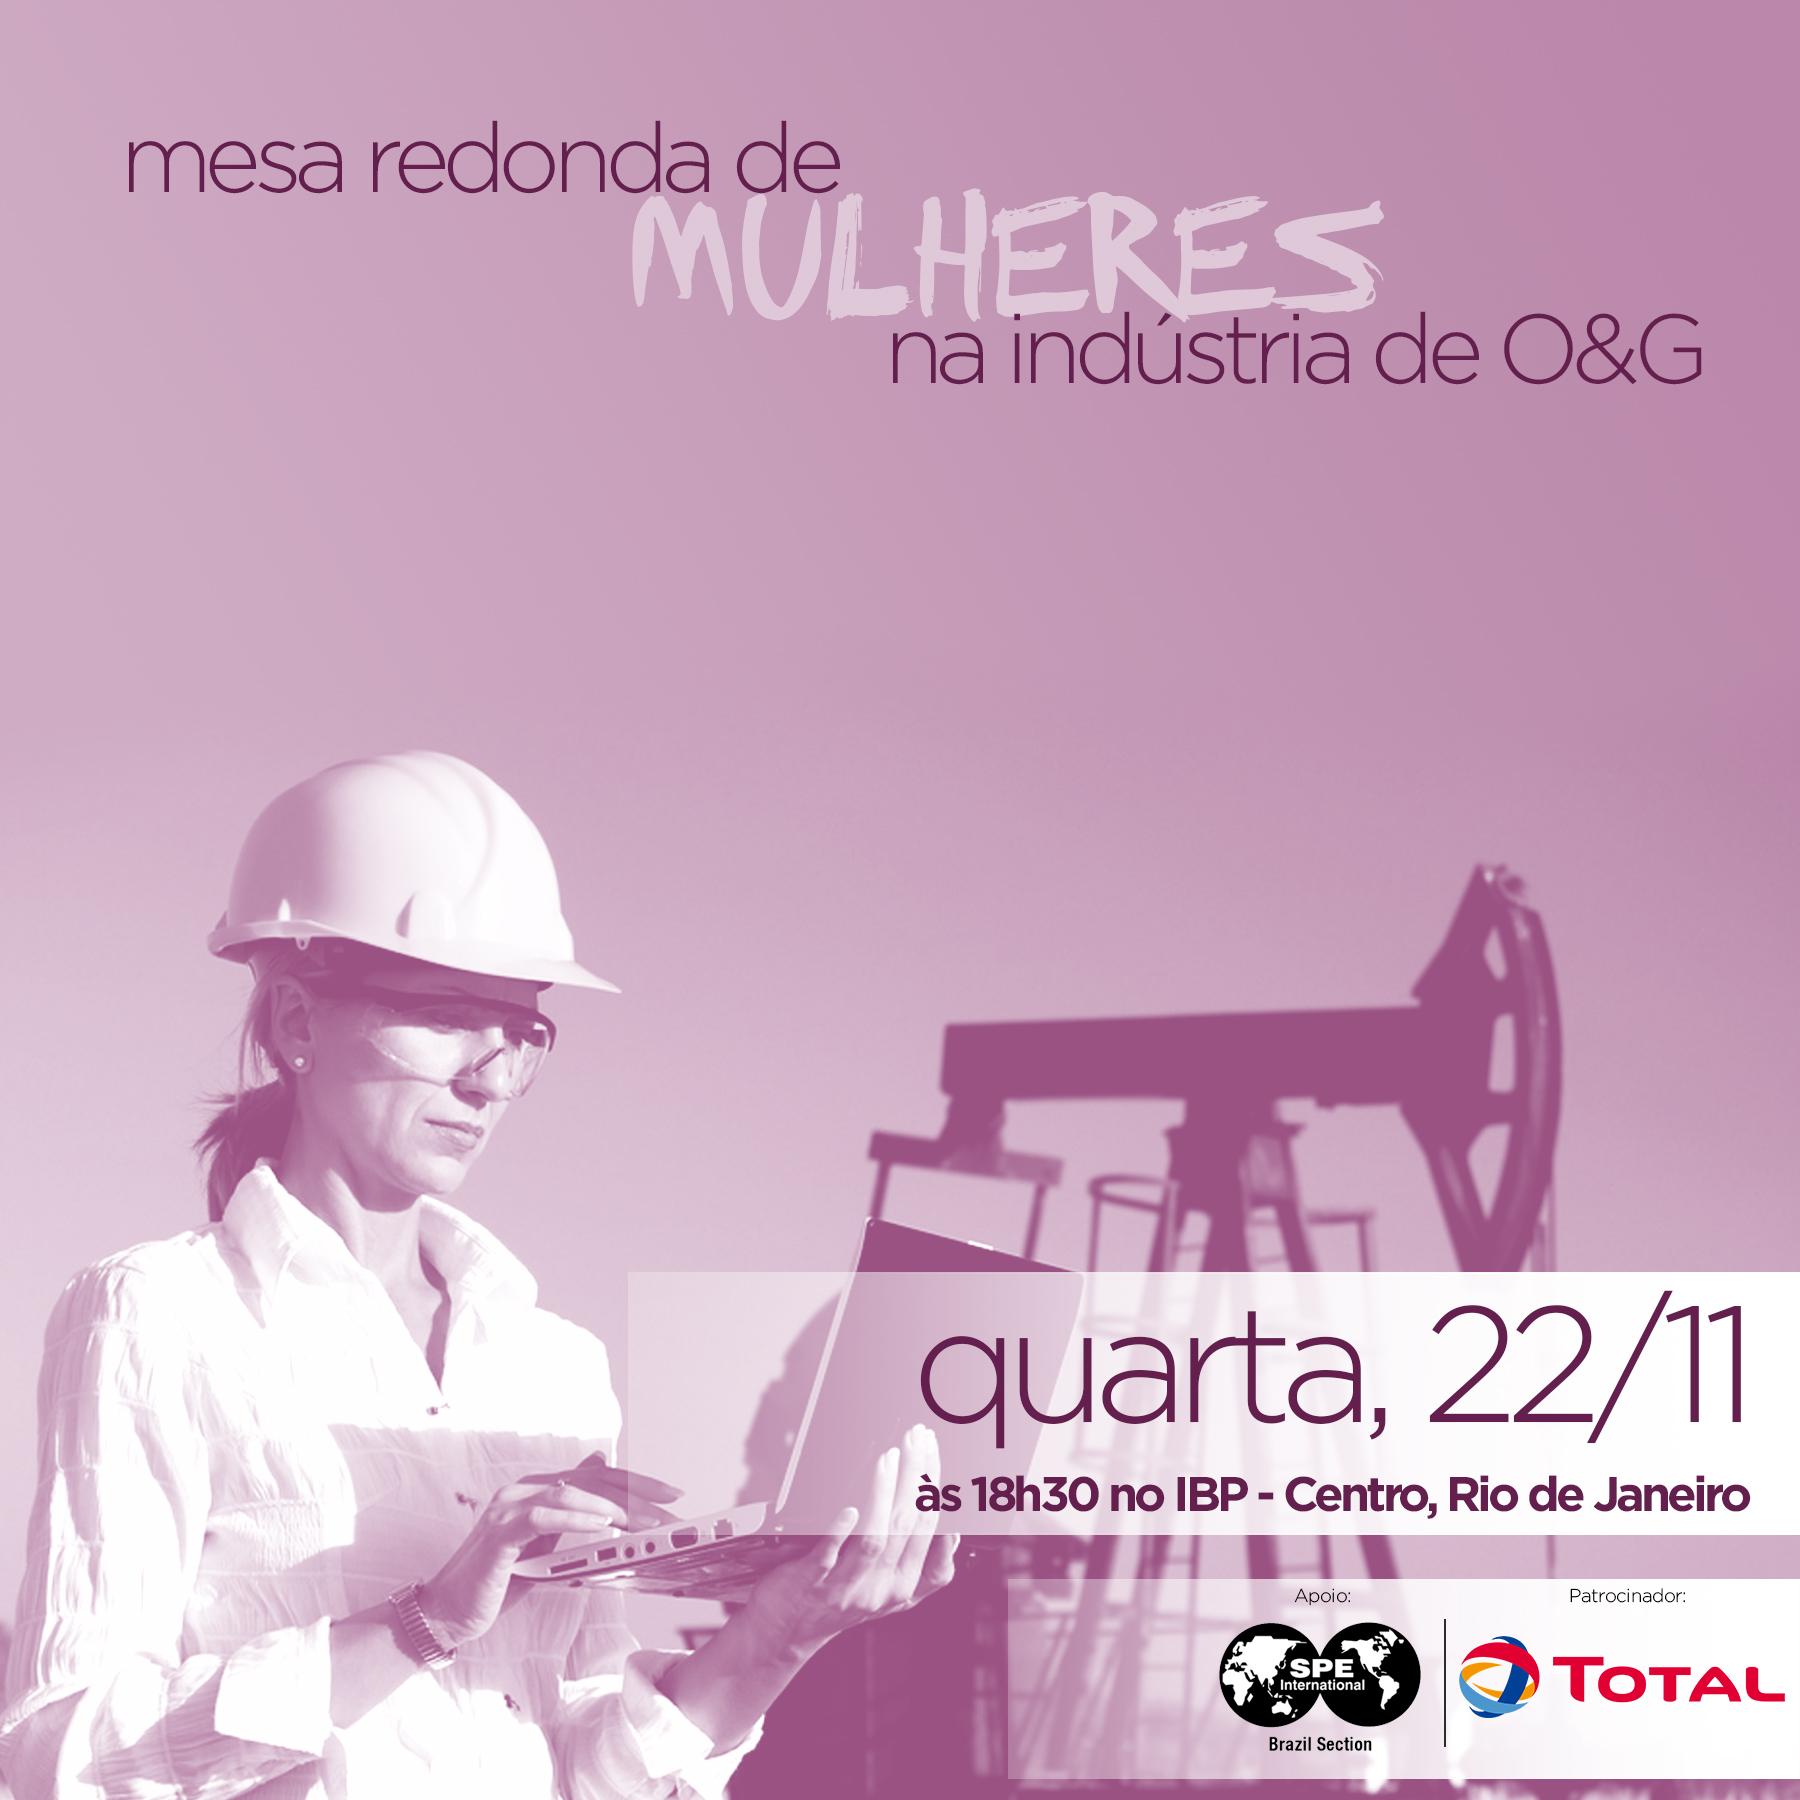 Evento: Mesa redonda de mulheres na indústria de O&G